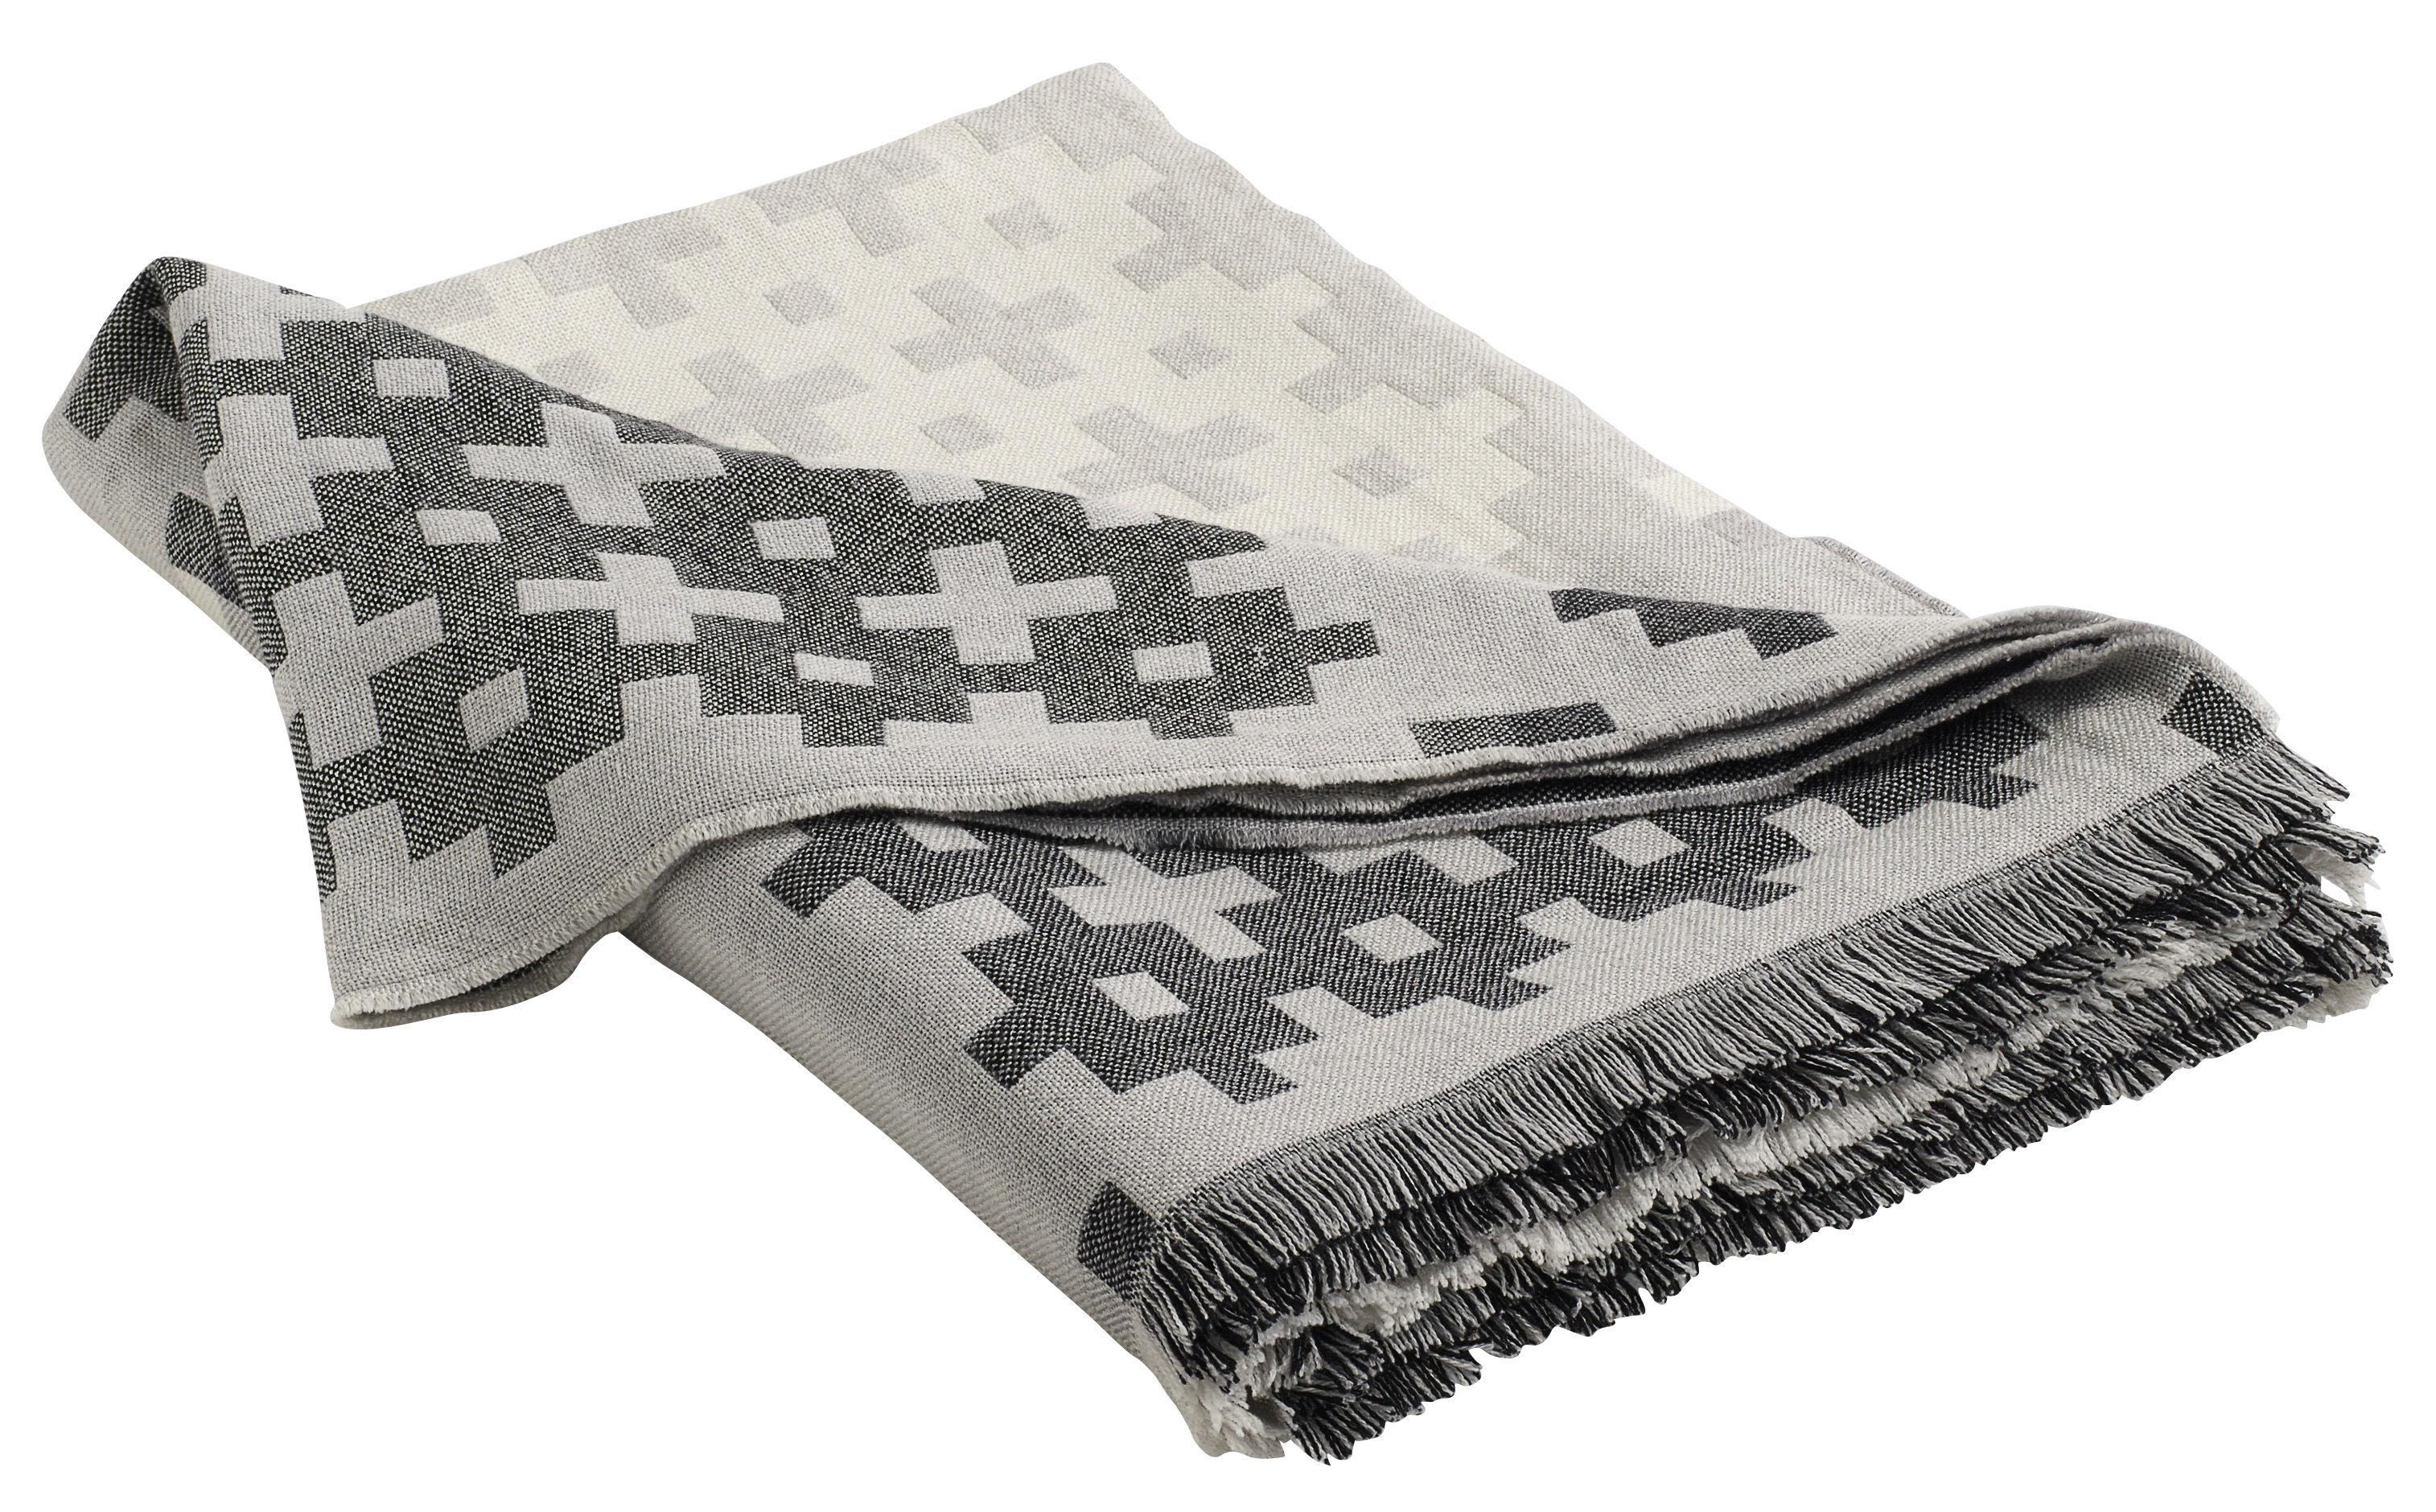 Déco - Textile - Plaid Plus9 / 215 x 145 cm - Hay - Gris - Laine